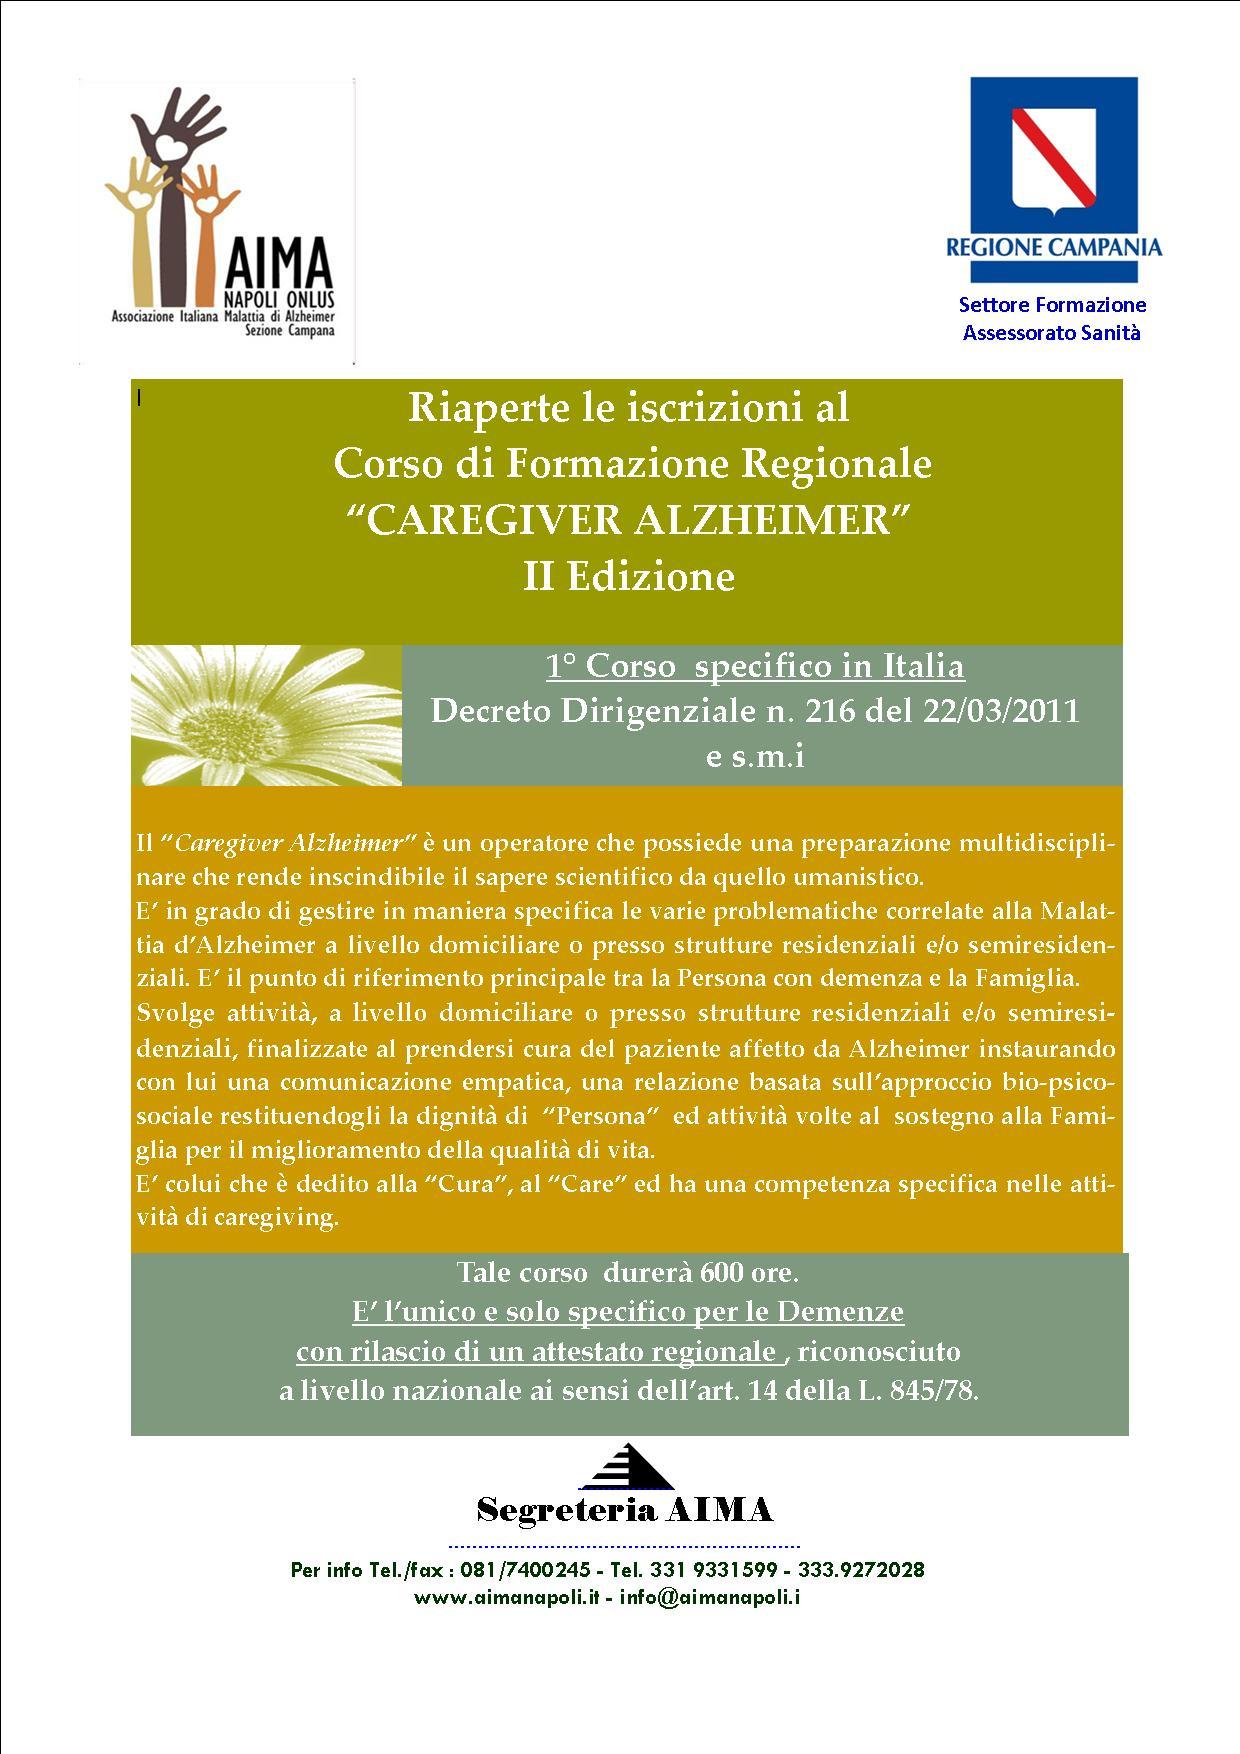 Corso regionale Caregiver Alzheimer